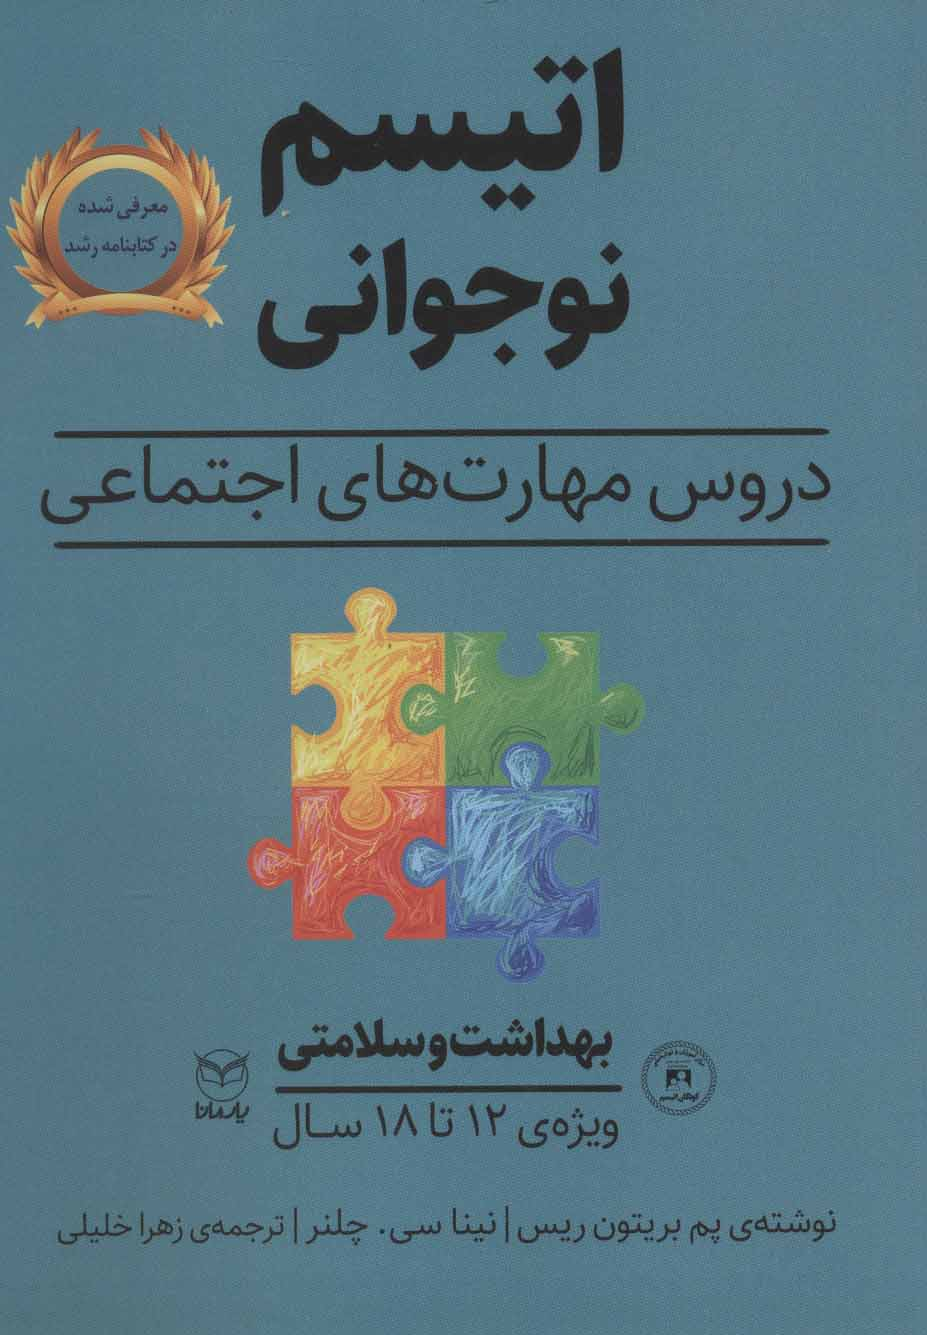 بهداشت و سلامتی (اتیسم نوجوانی:دروس مهارت های اجتماعی)،(ویژه ی 12تا18 سال)